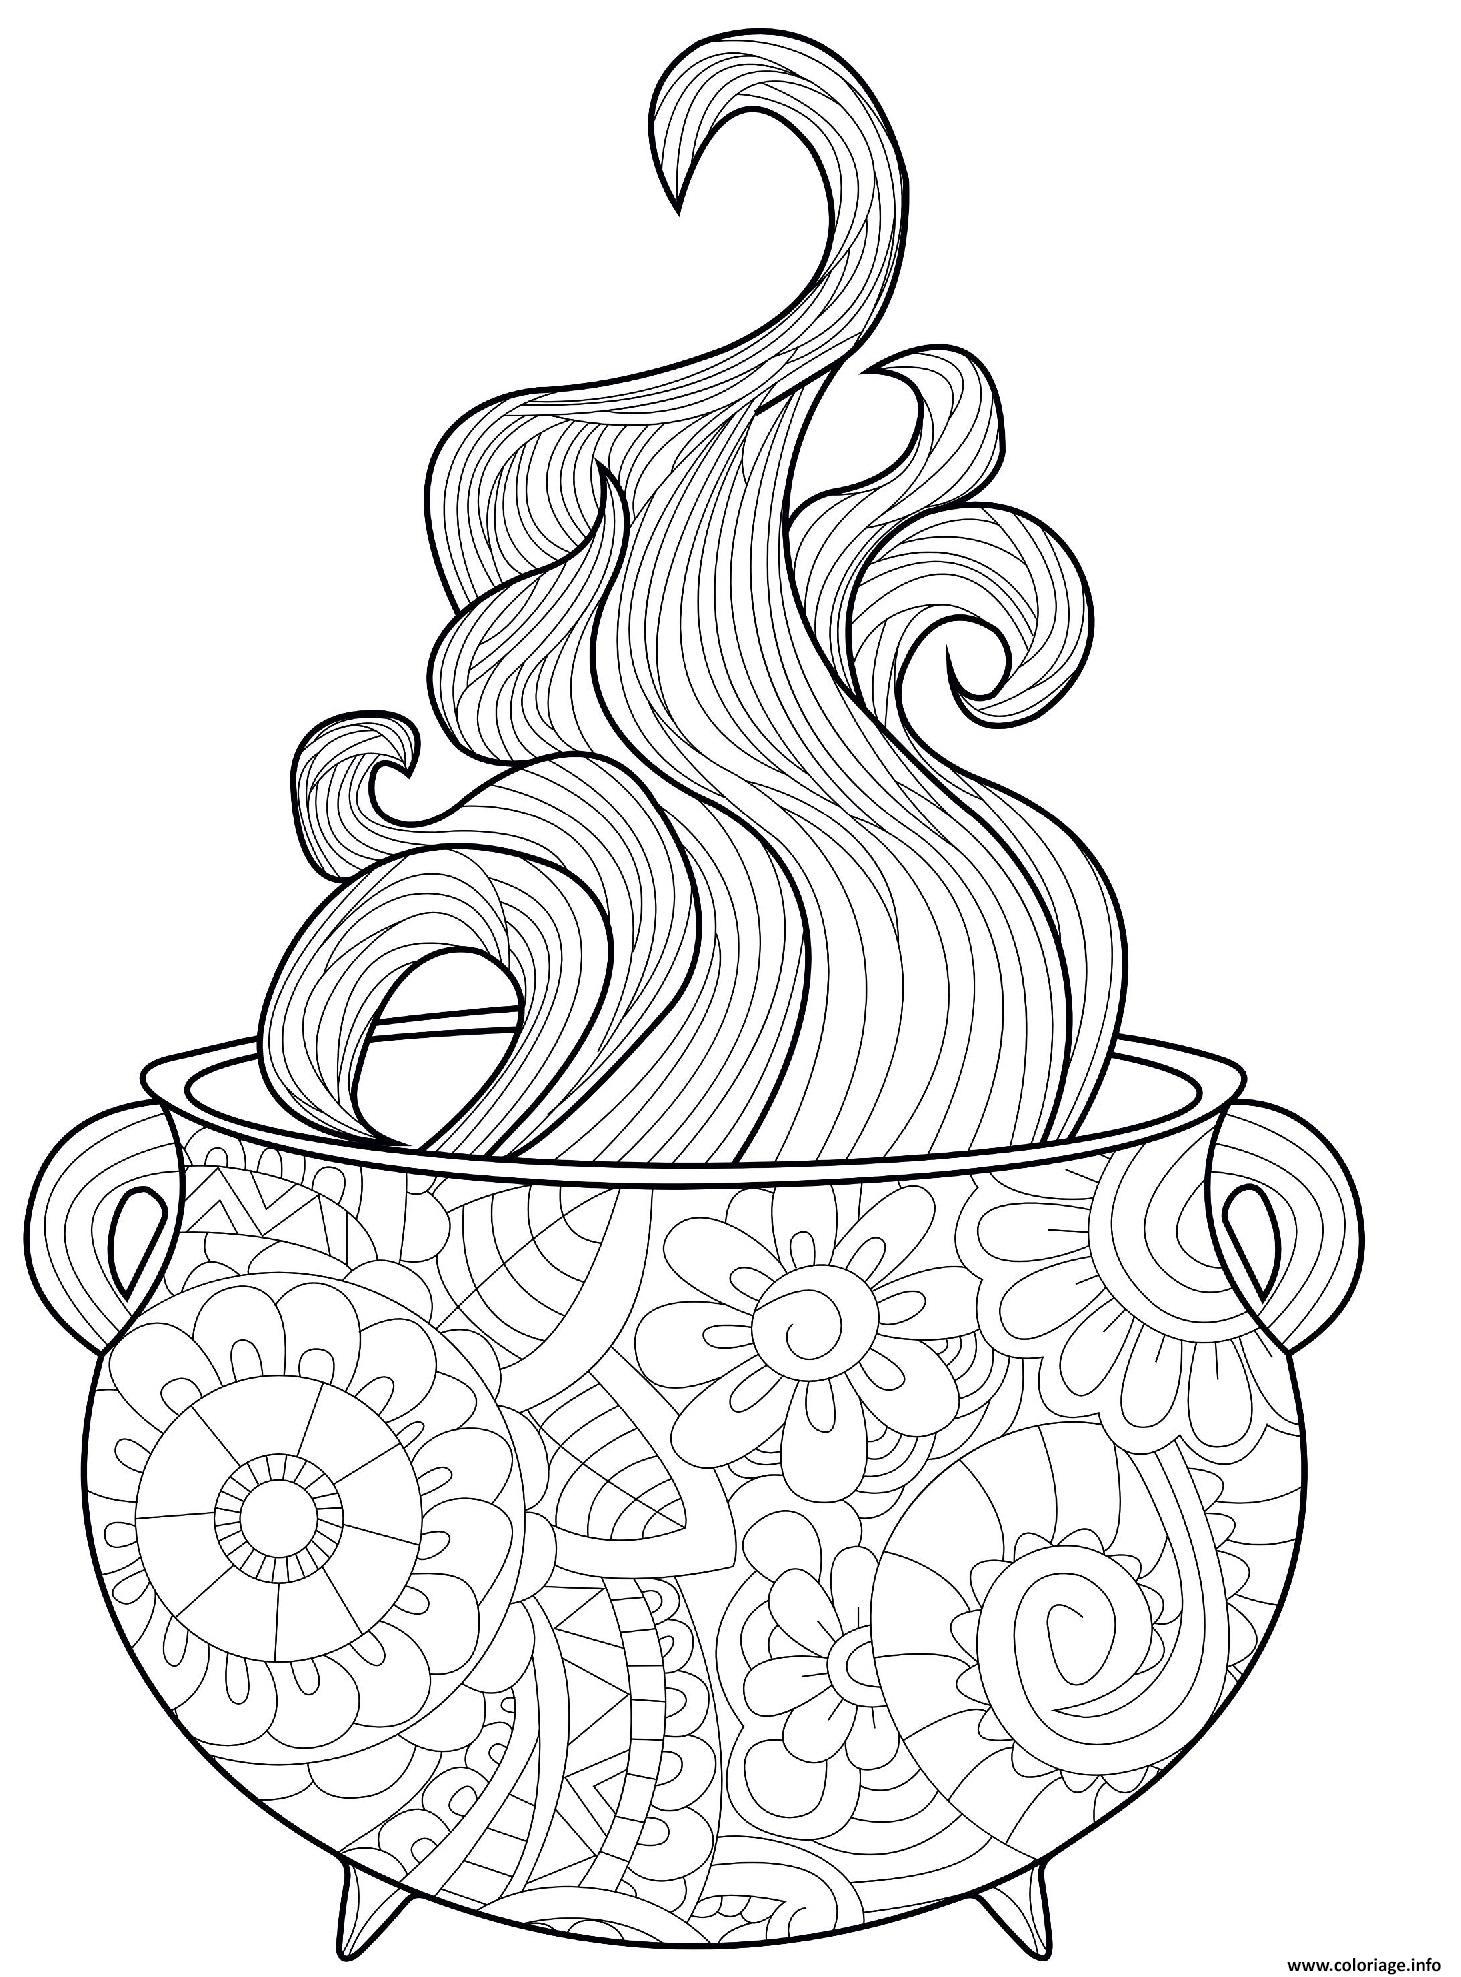 Dessin chaudron halloween complexe avec vapeurs Coloriage Gratuit à Imprimer